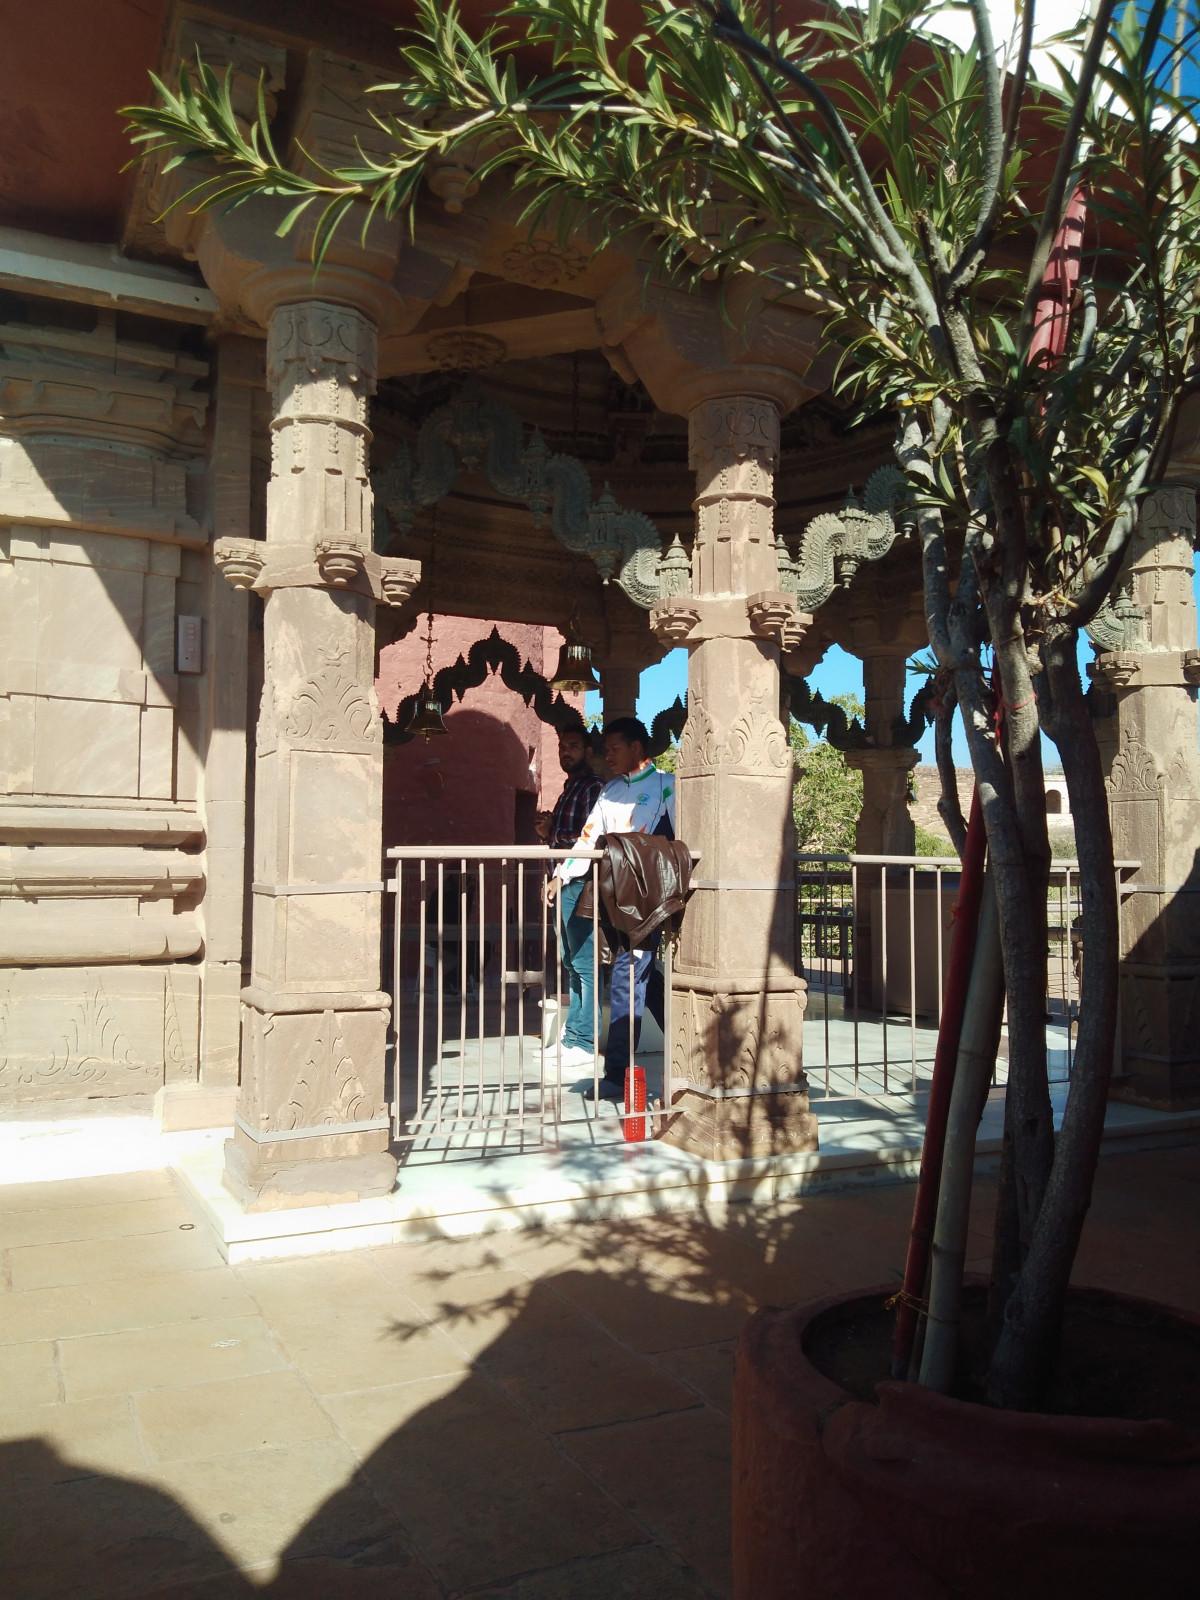 Glimpses of Jaipur